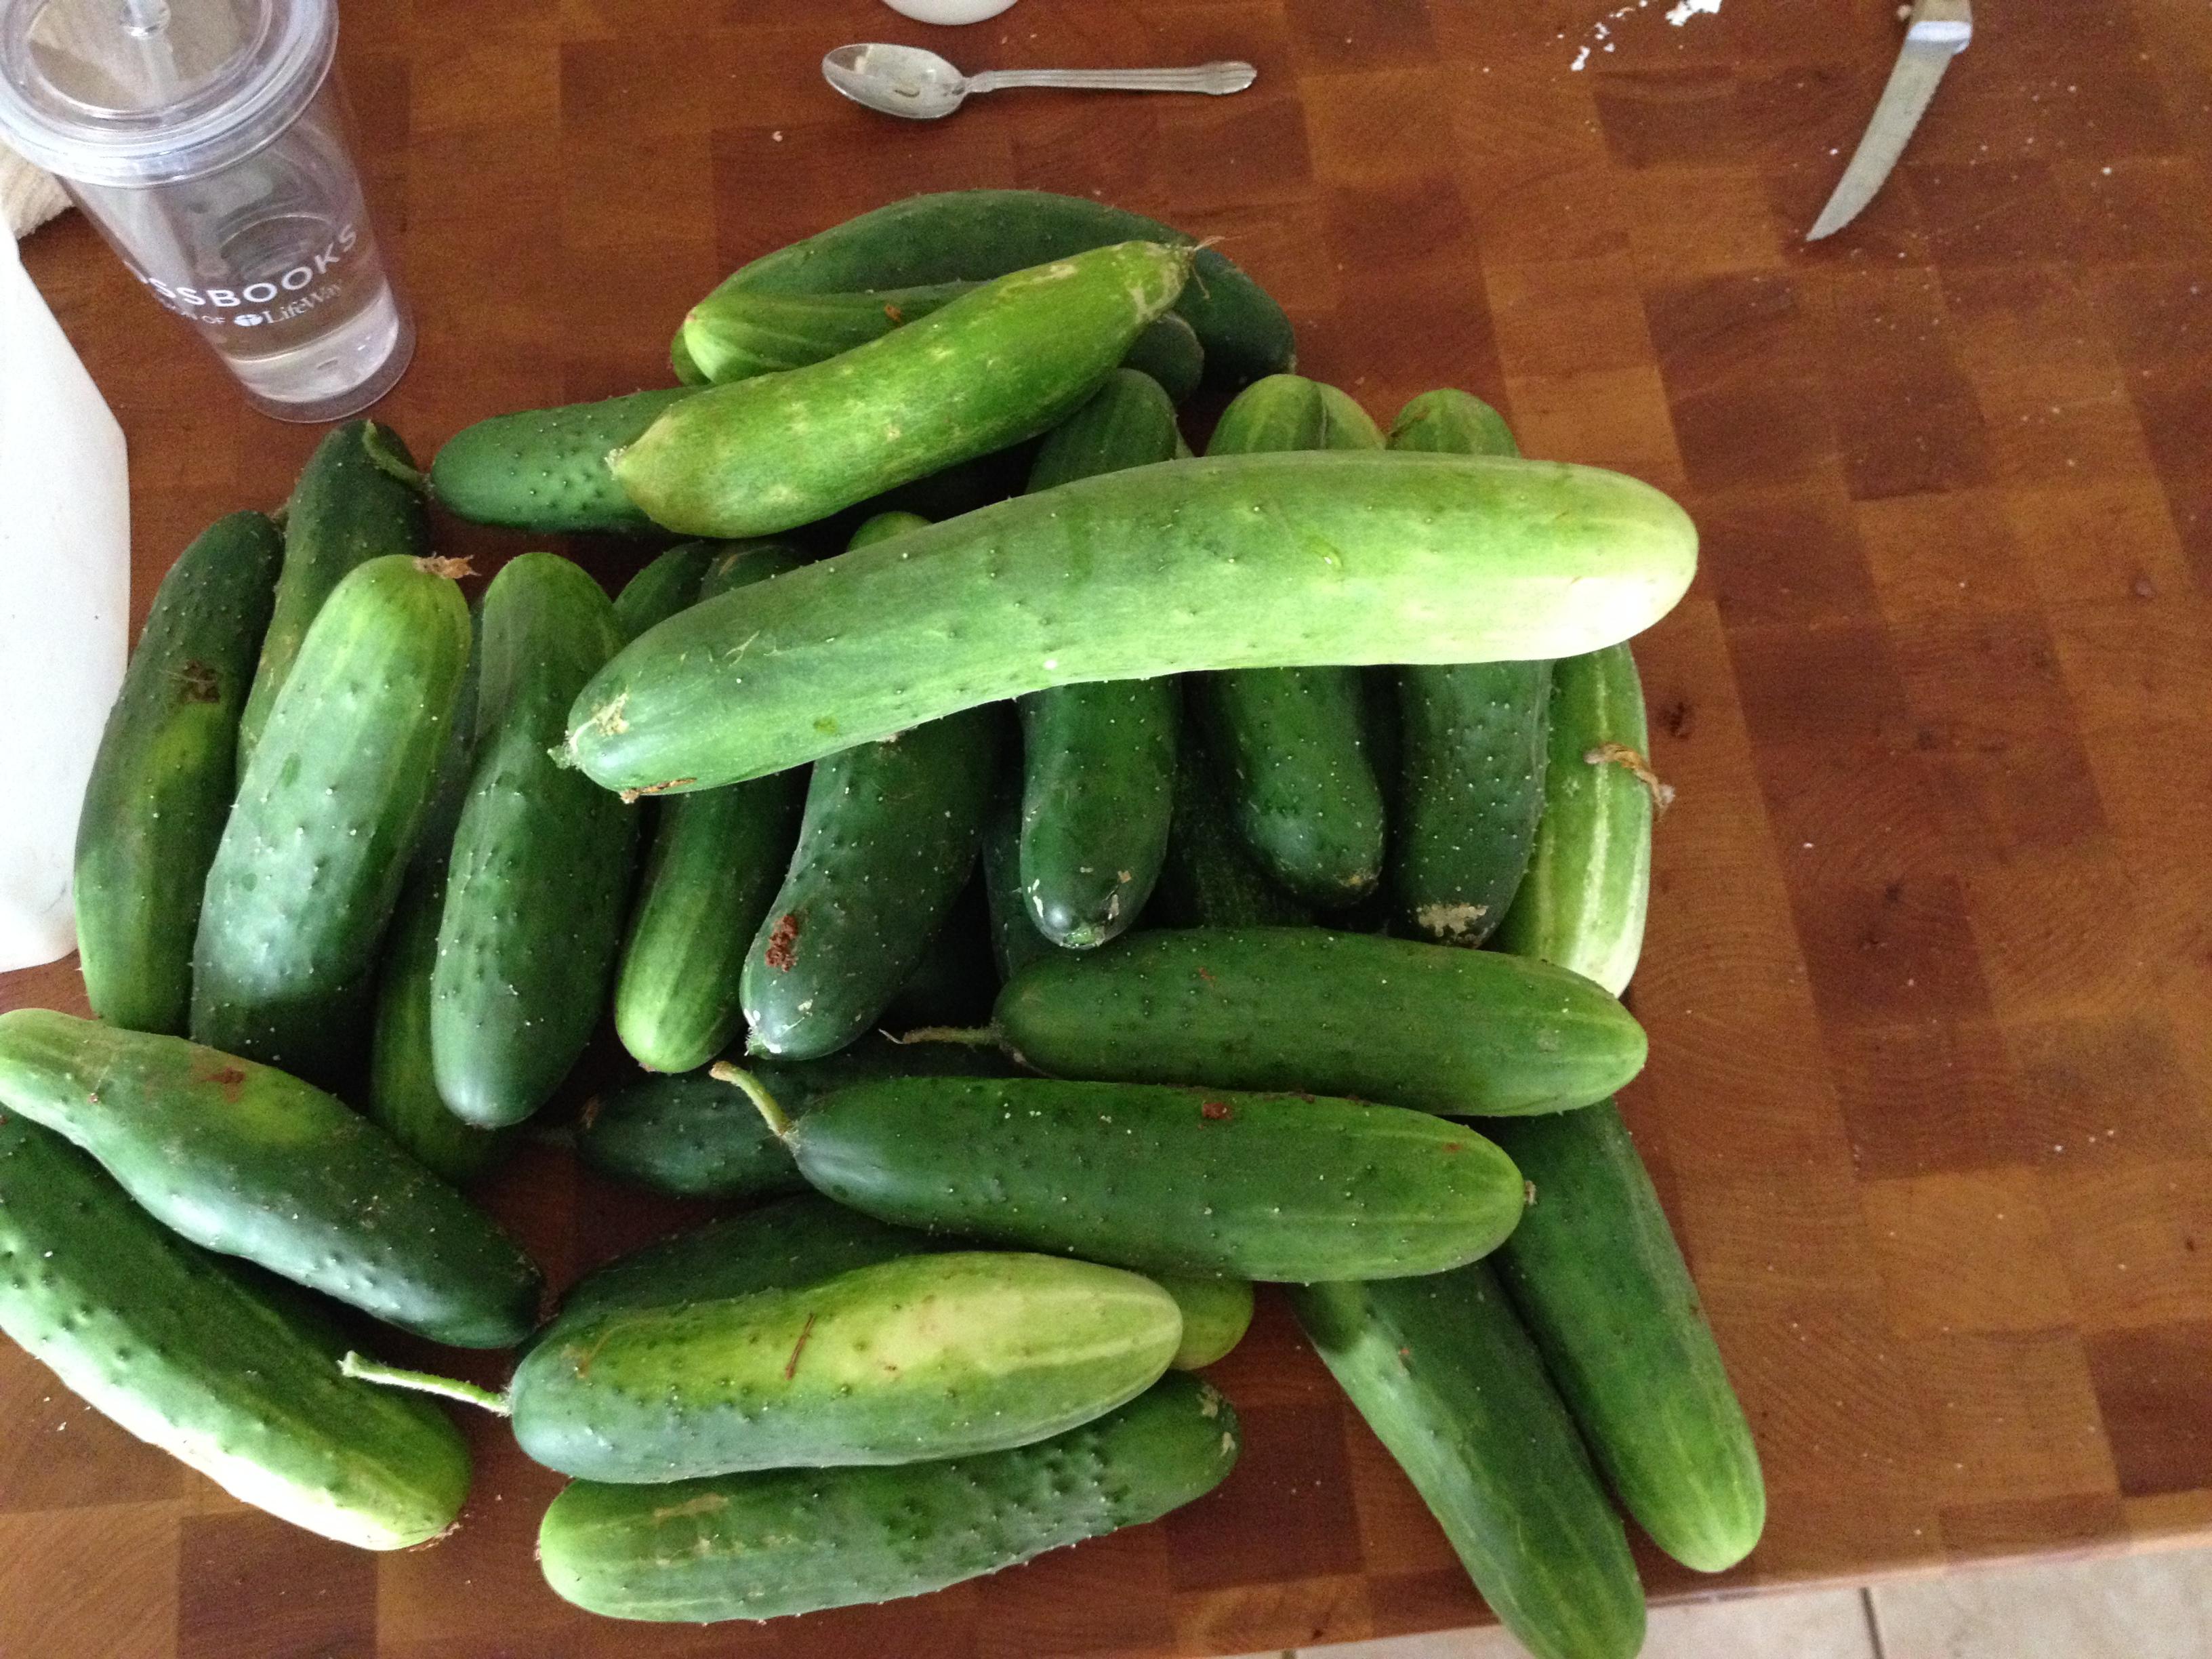 B&B pickles 1